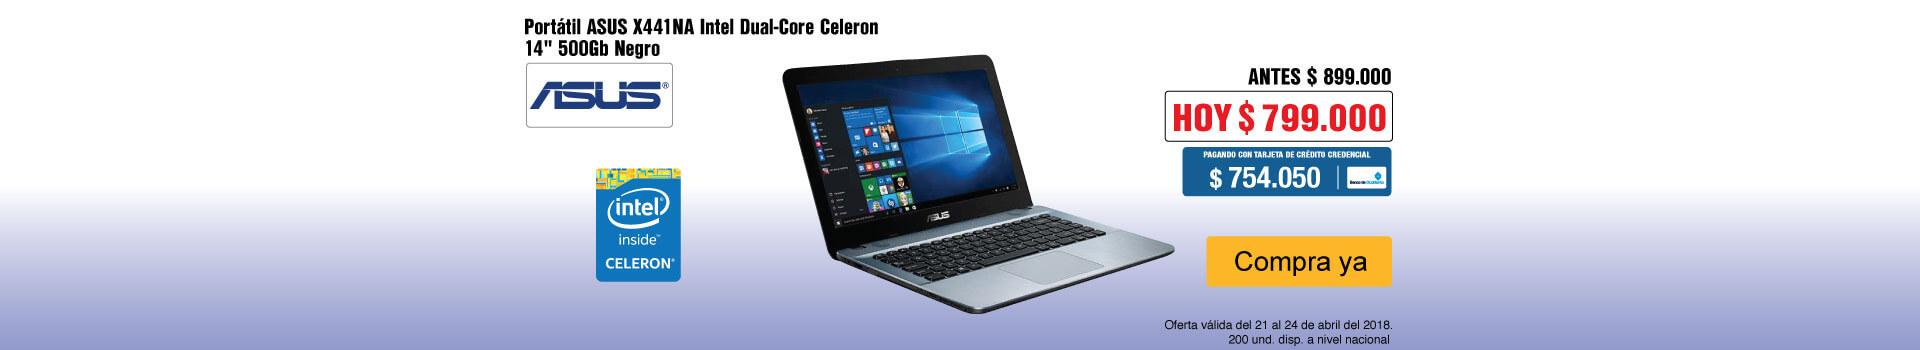 AK-KT-BCAT-1-computadores y tablets-portatiles-PP---Asus-X441NA-Abr21